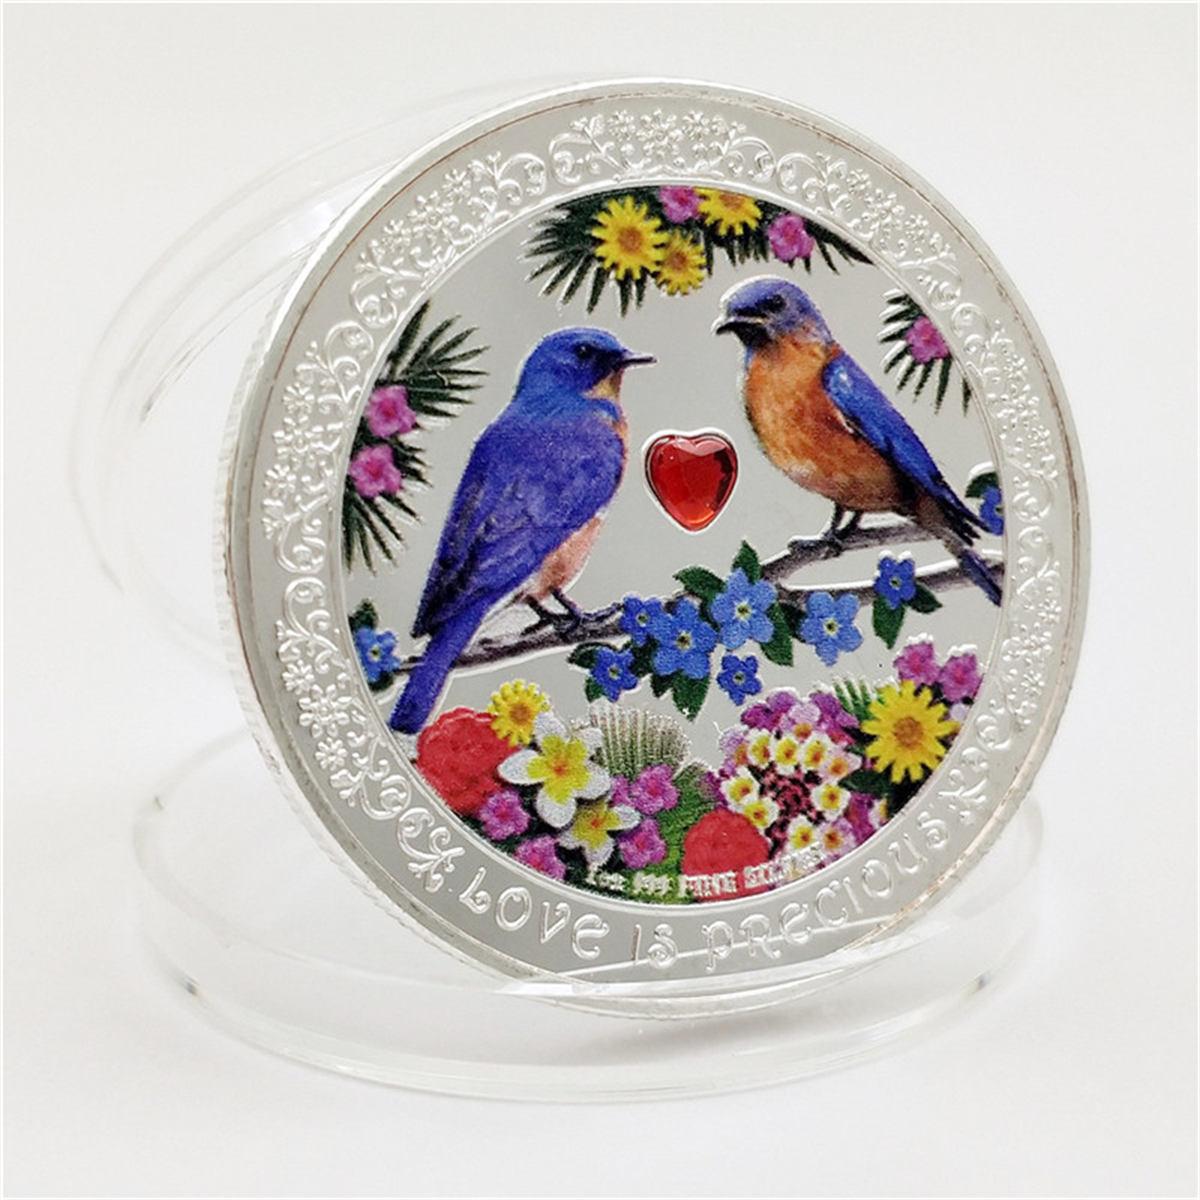 Монета в виде животного, Конго, удачная Ниуэ, любовь, птица, подарок, памятная монета, памятная монета, серебряная монета, поделки, коллекцион...